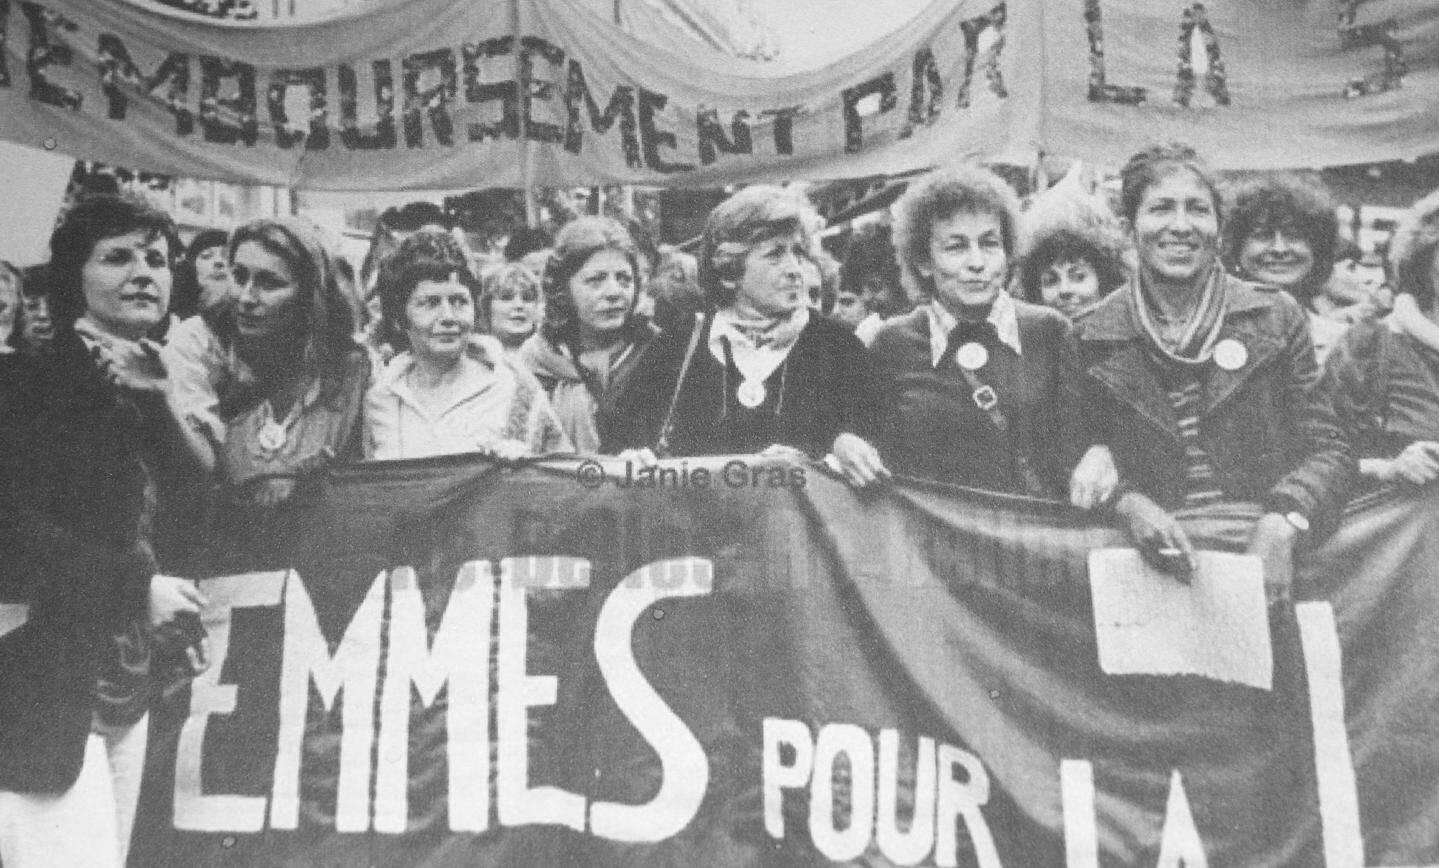 Josette Boisgibault, 2e en partant de la gauche, est une féministe de la première heure.